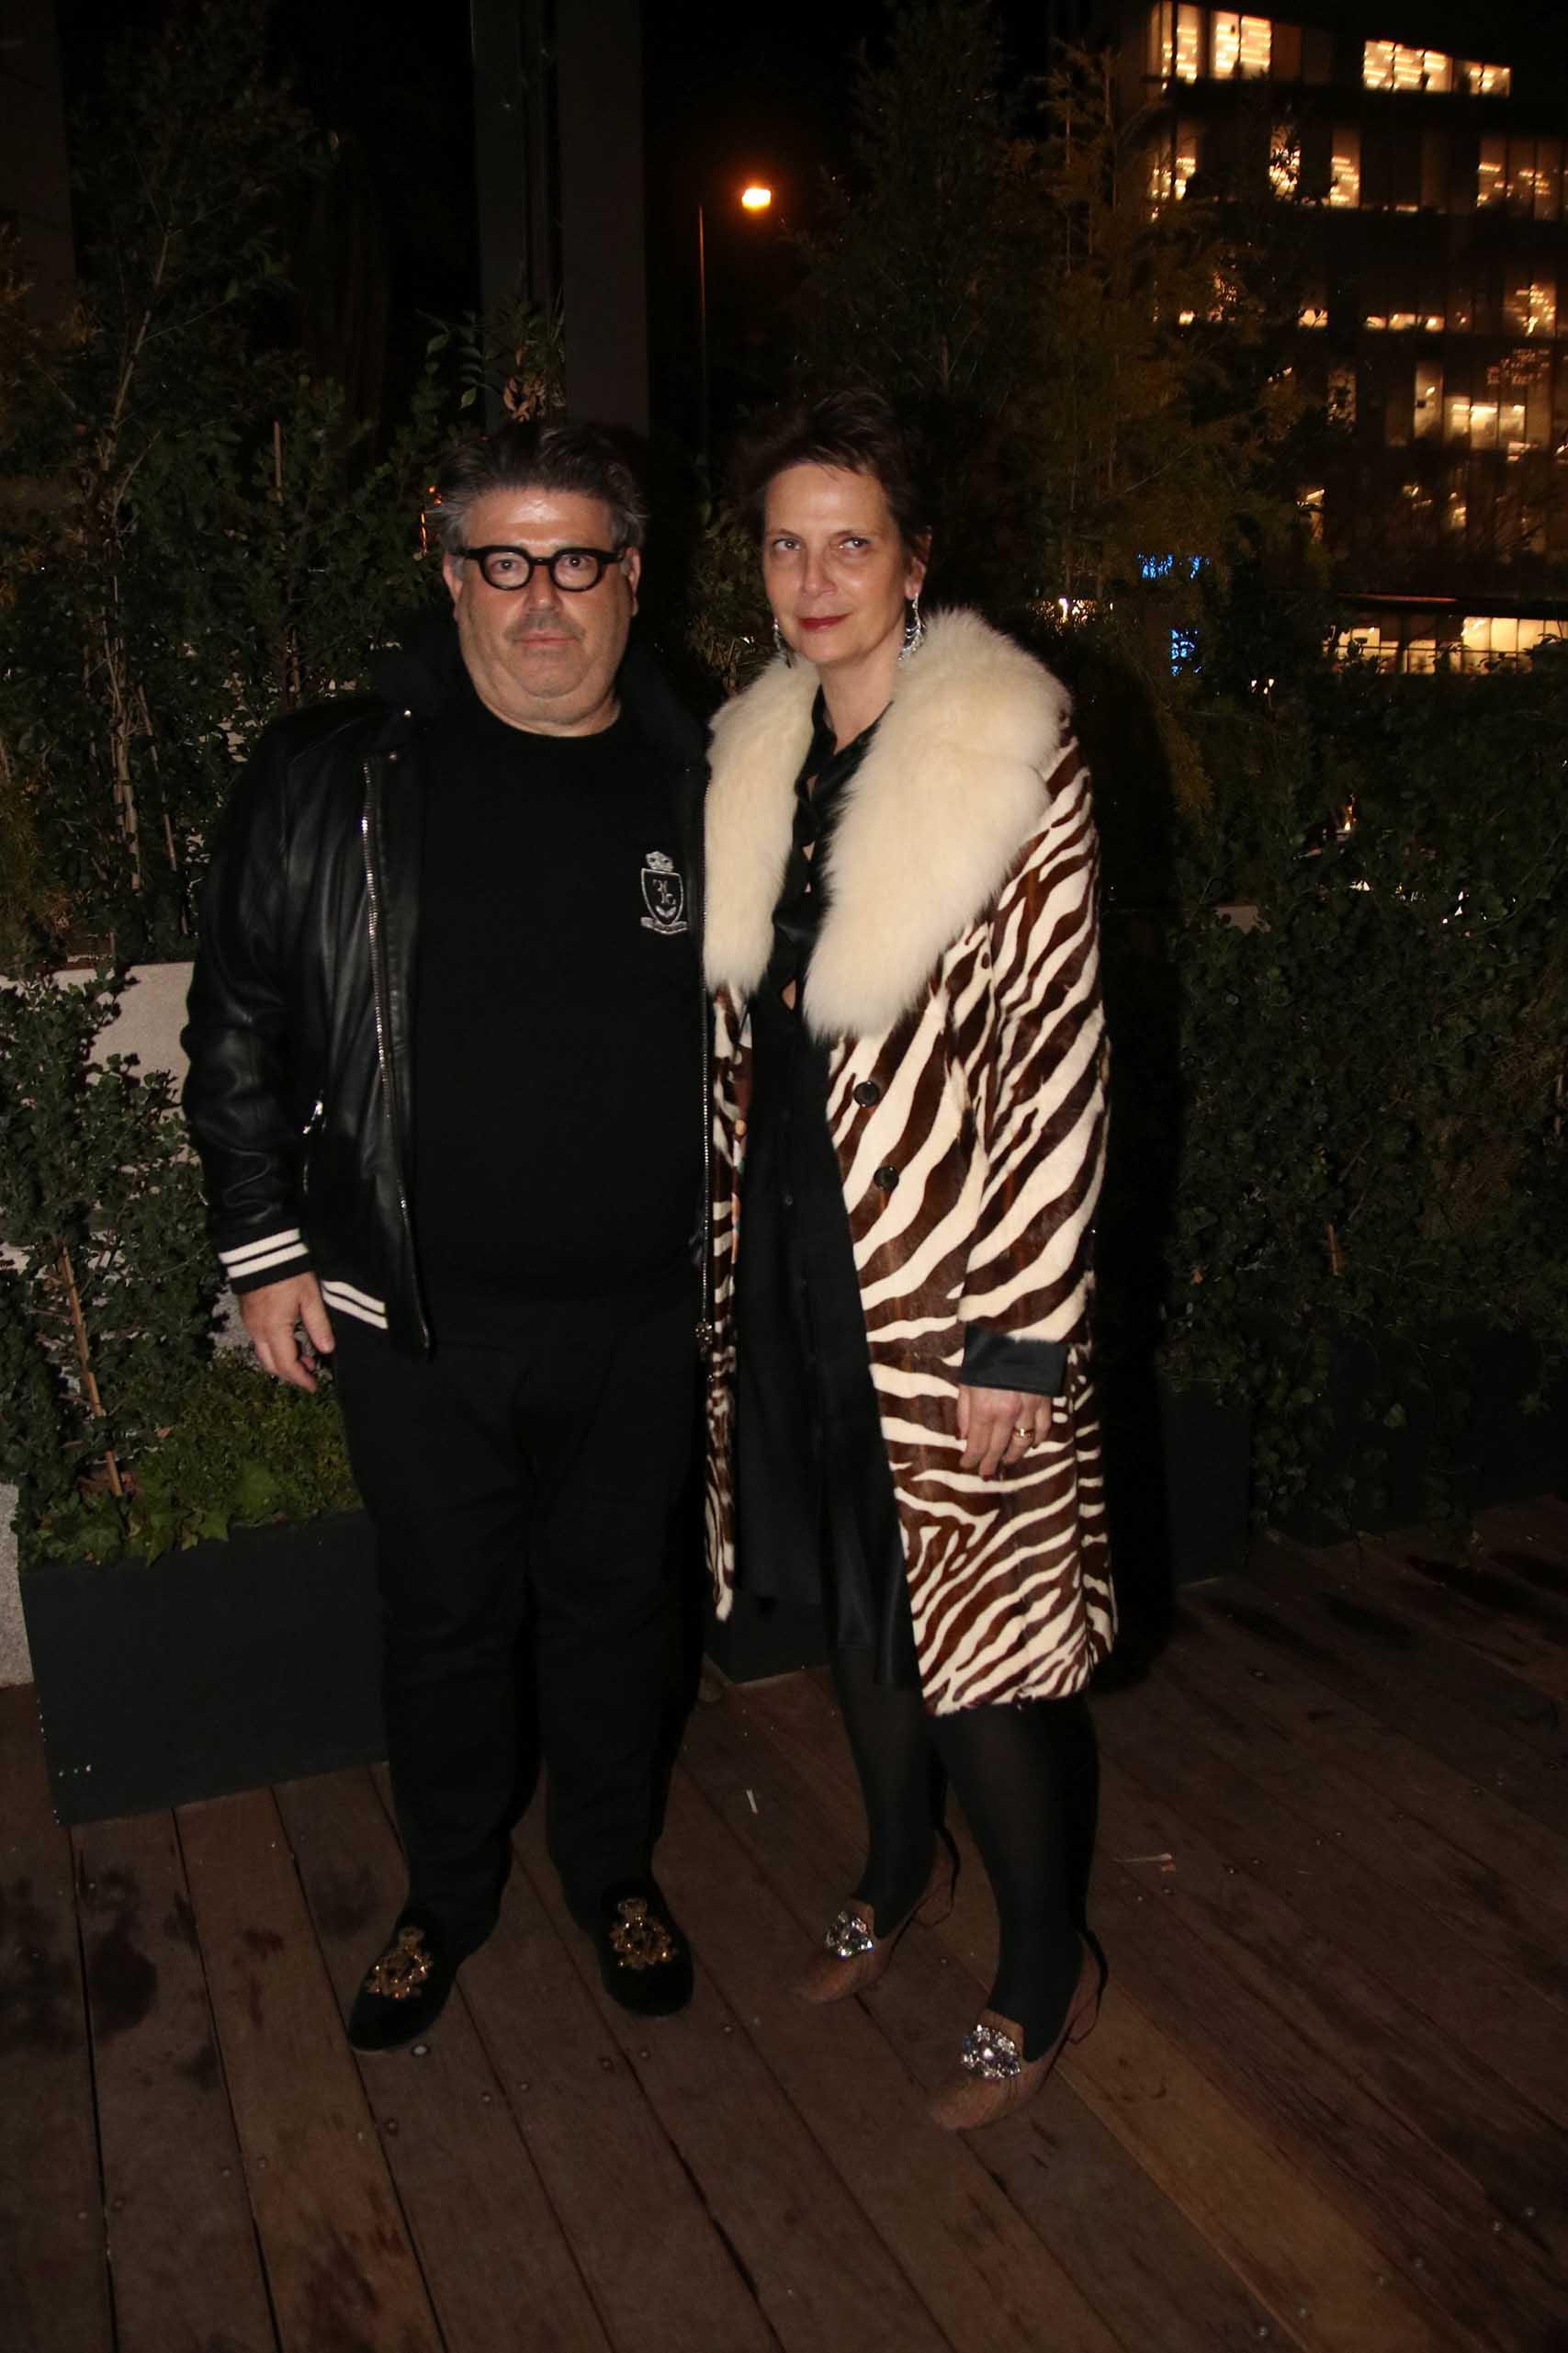 רני רהב, הילה רהב, מגזין אופנה, חדשות האופנה של ישראל